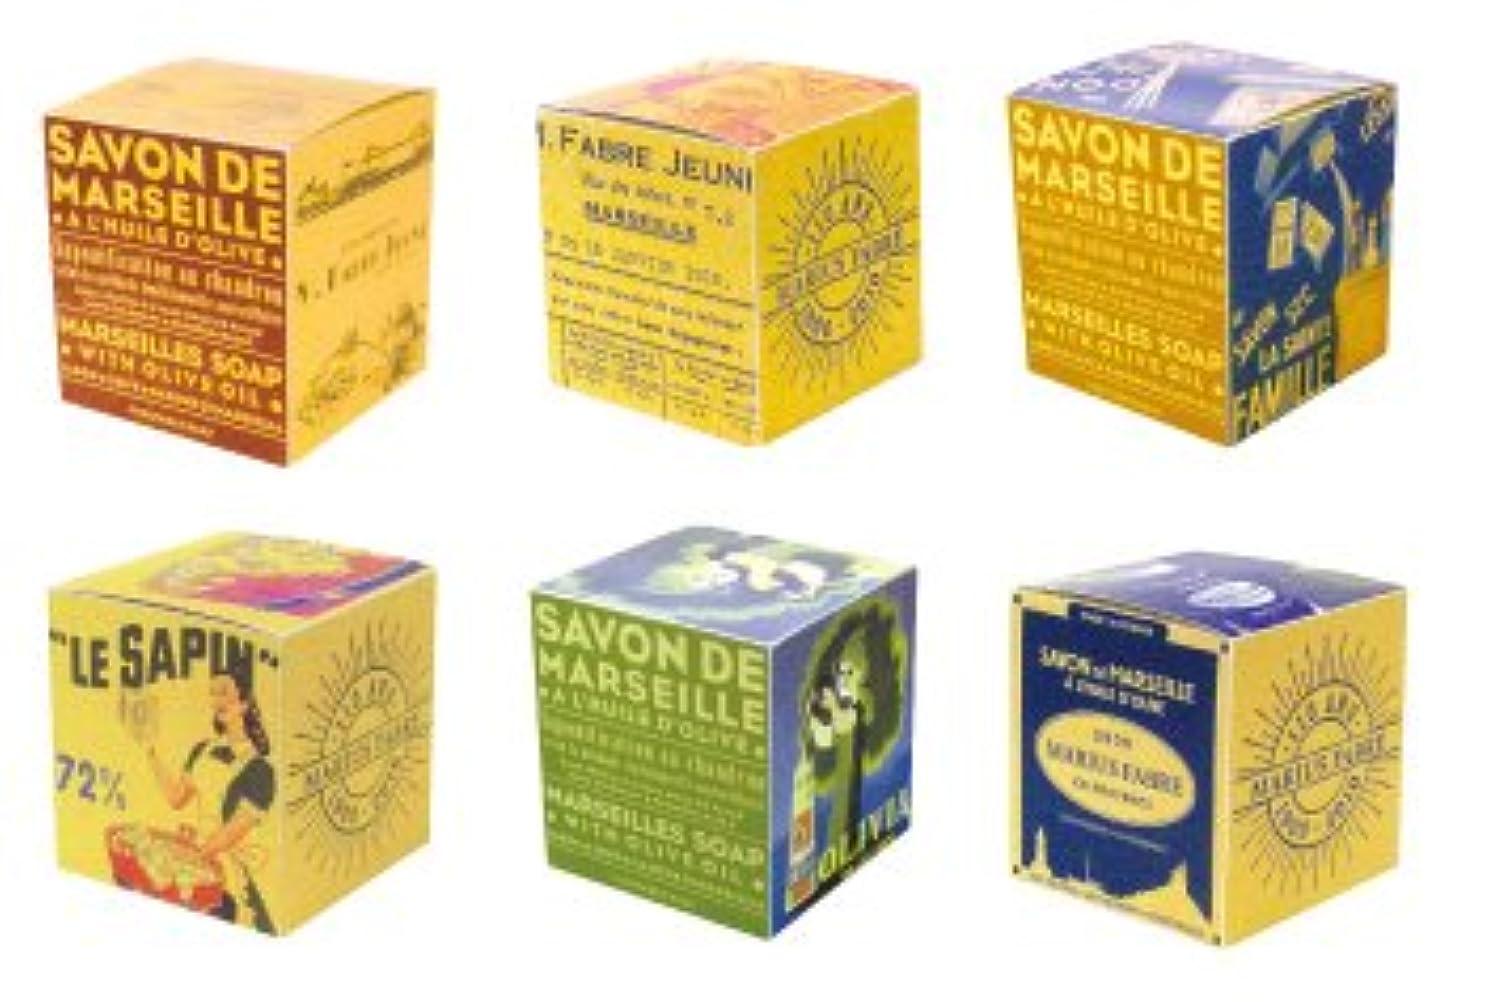 サンダース膨らみ対立マリウスファーブル 【 サボン ド マルセイユ 】 オリーブ 200g X 2個 1900年復刻デザインBOX入り (箱の柄指定はできません) / ギフト / マルセイユ石鹸 / 全身